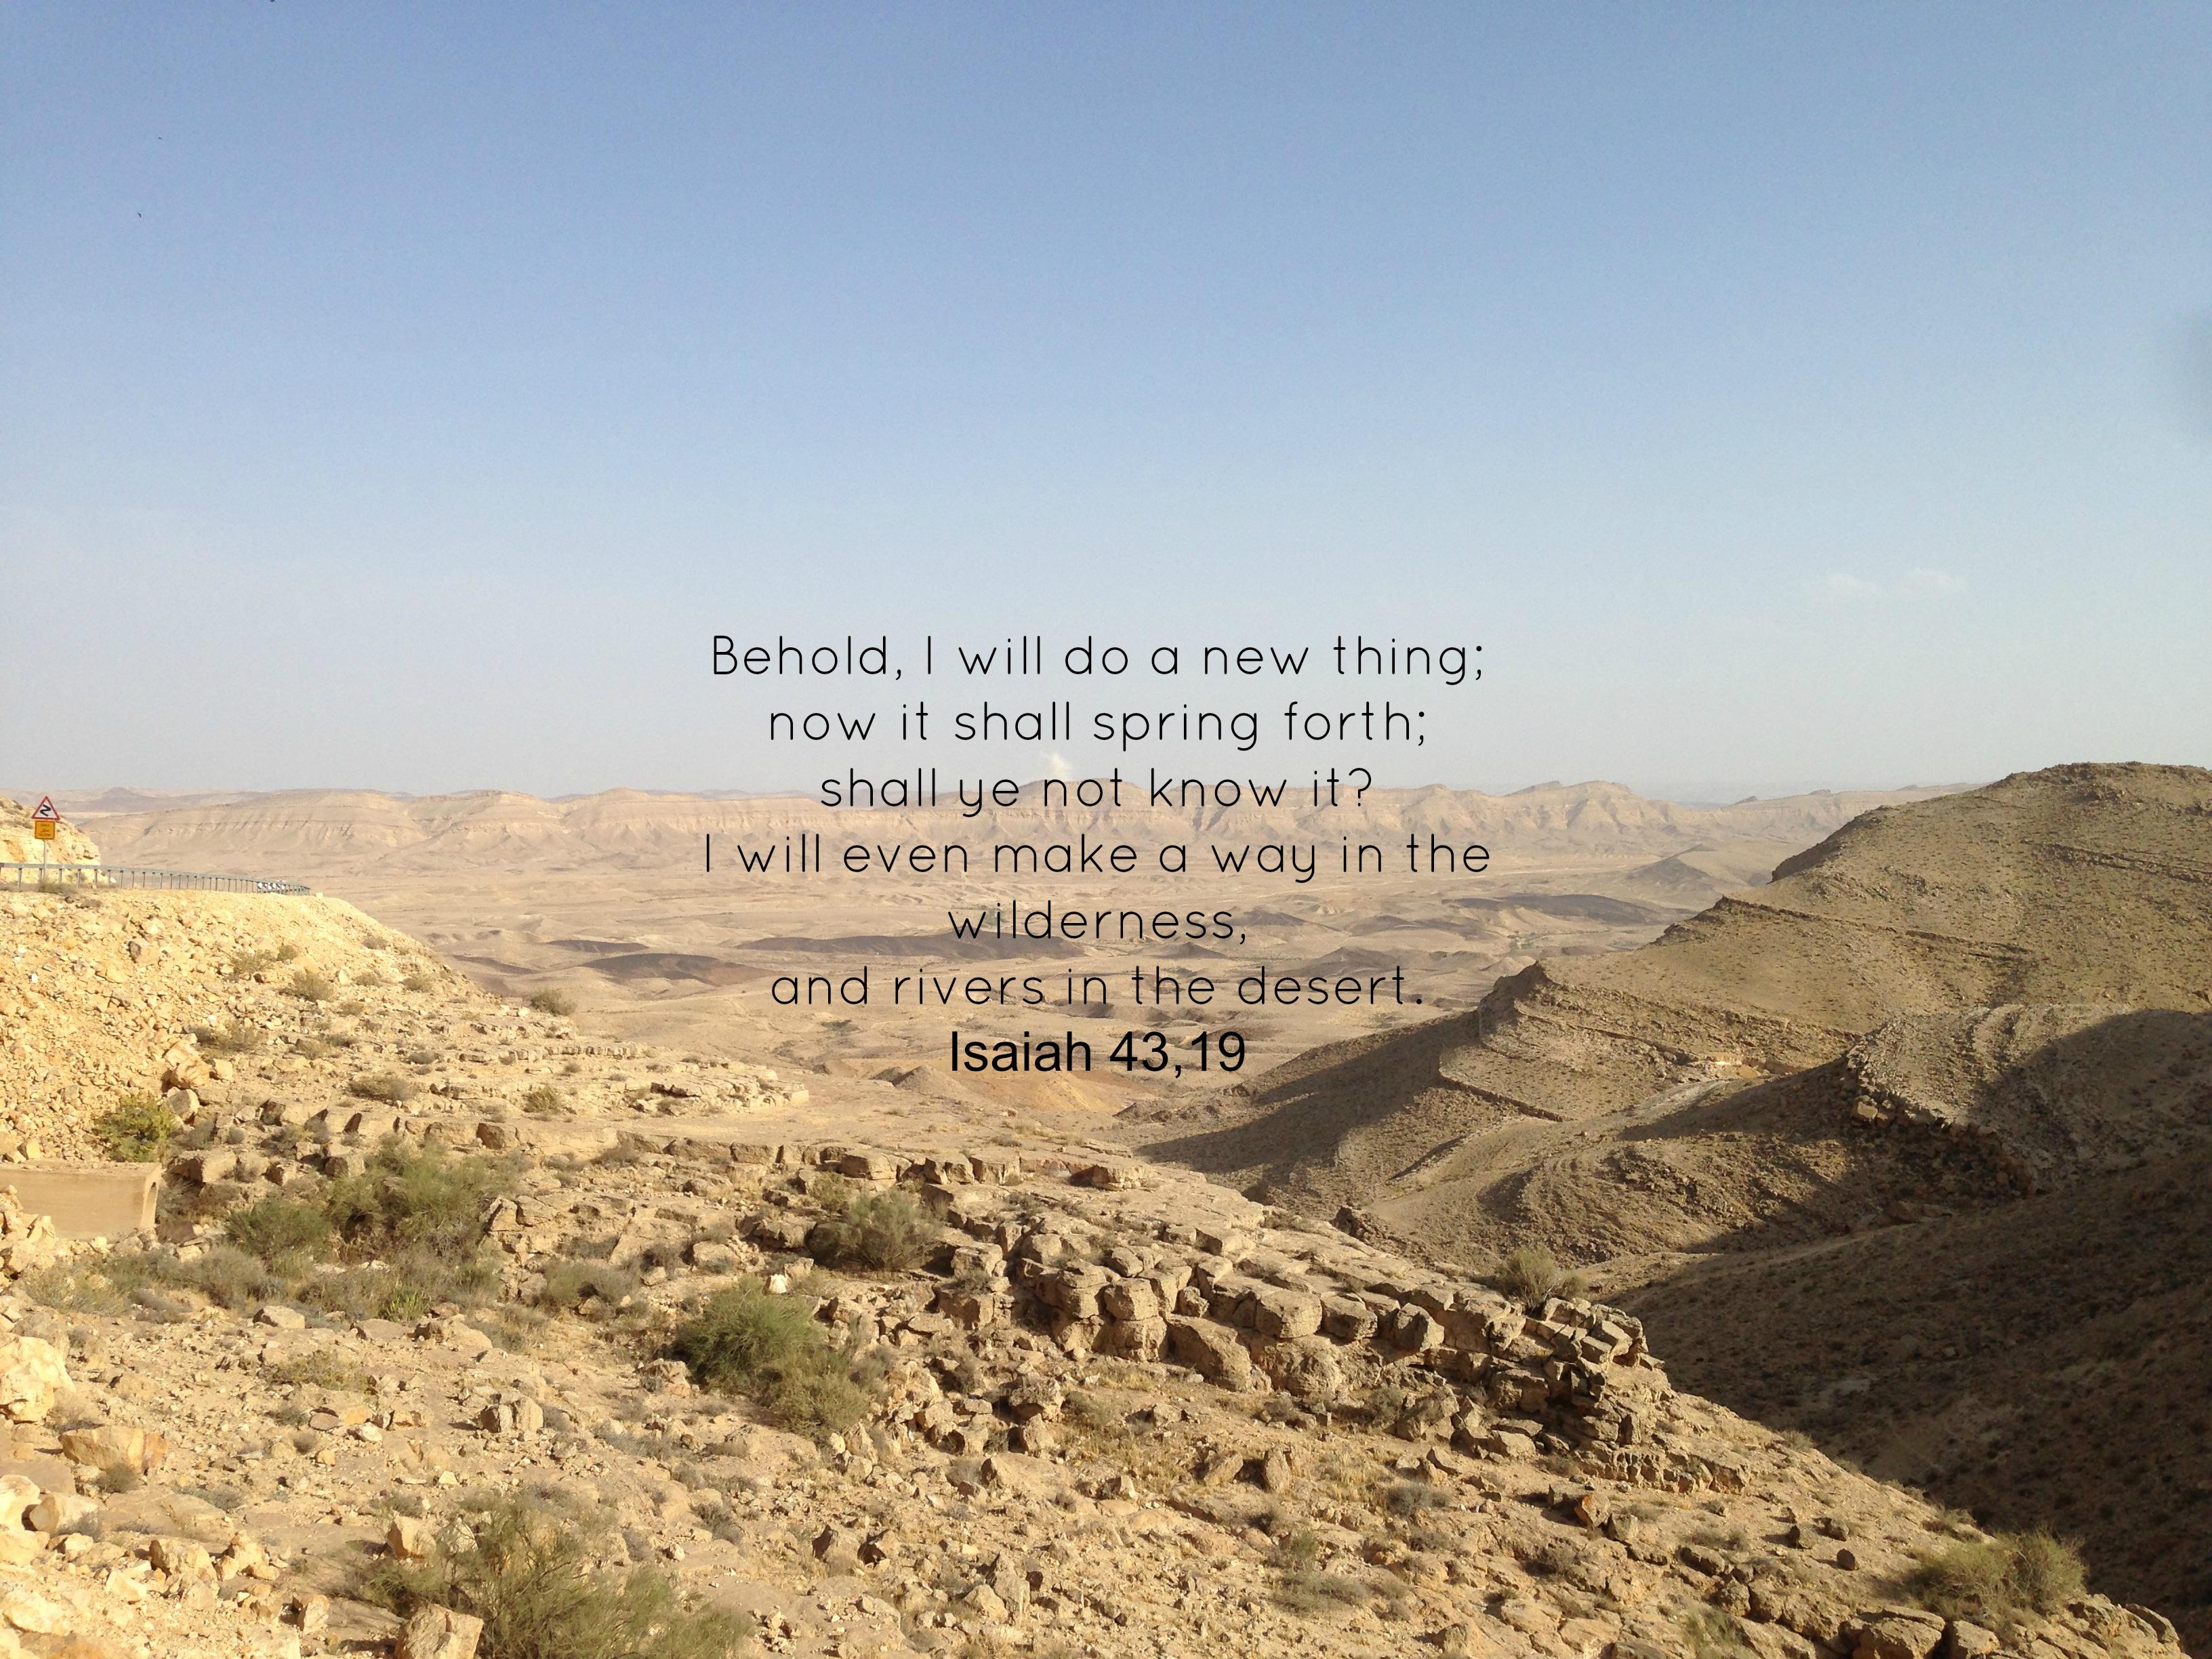 Schaut nach vorne, denn ich will etwas Neues tun! Jesaja 43,19